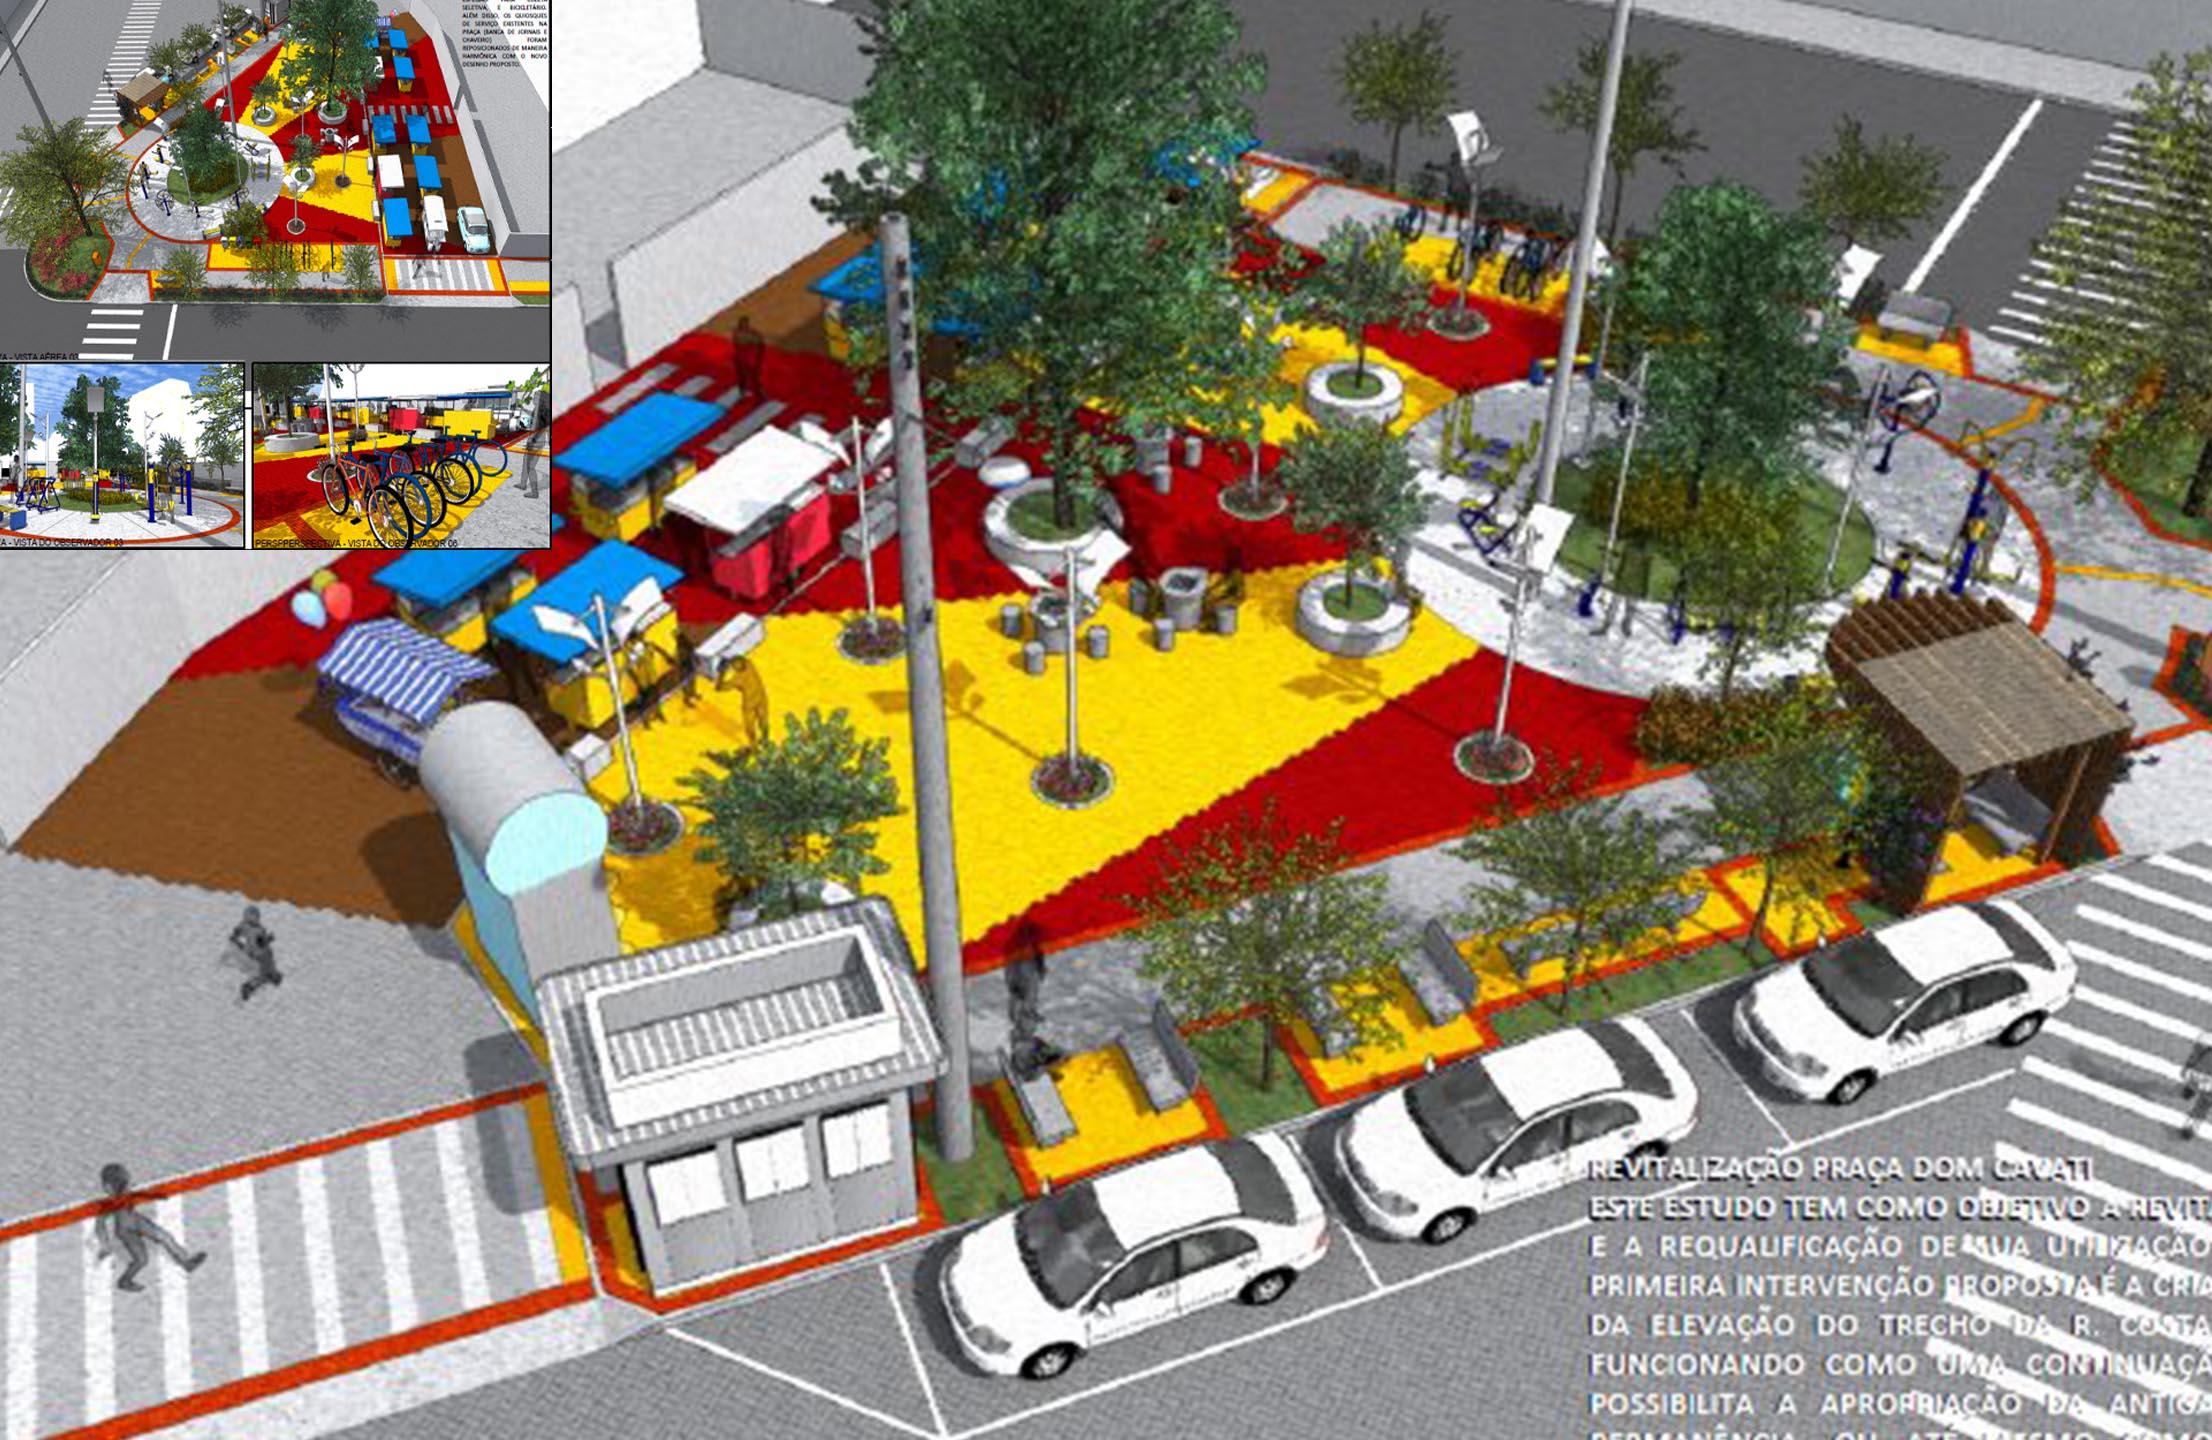 Chiabai fiscaliza obra em praça de Itapoã e verifica diferenças no projeto da PMVV